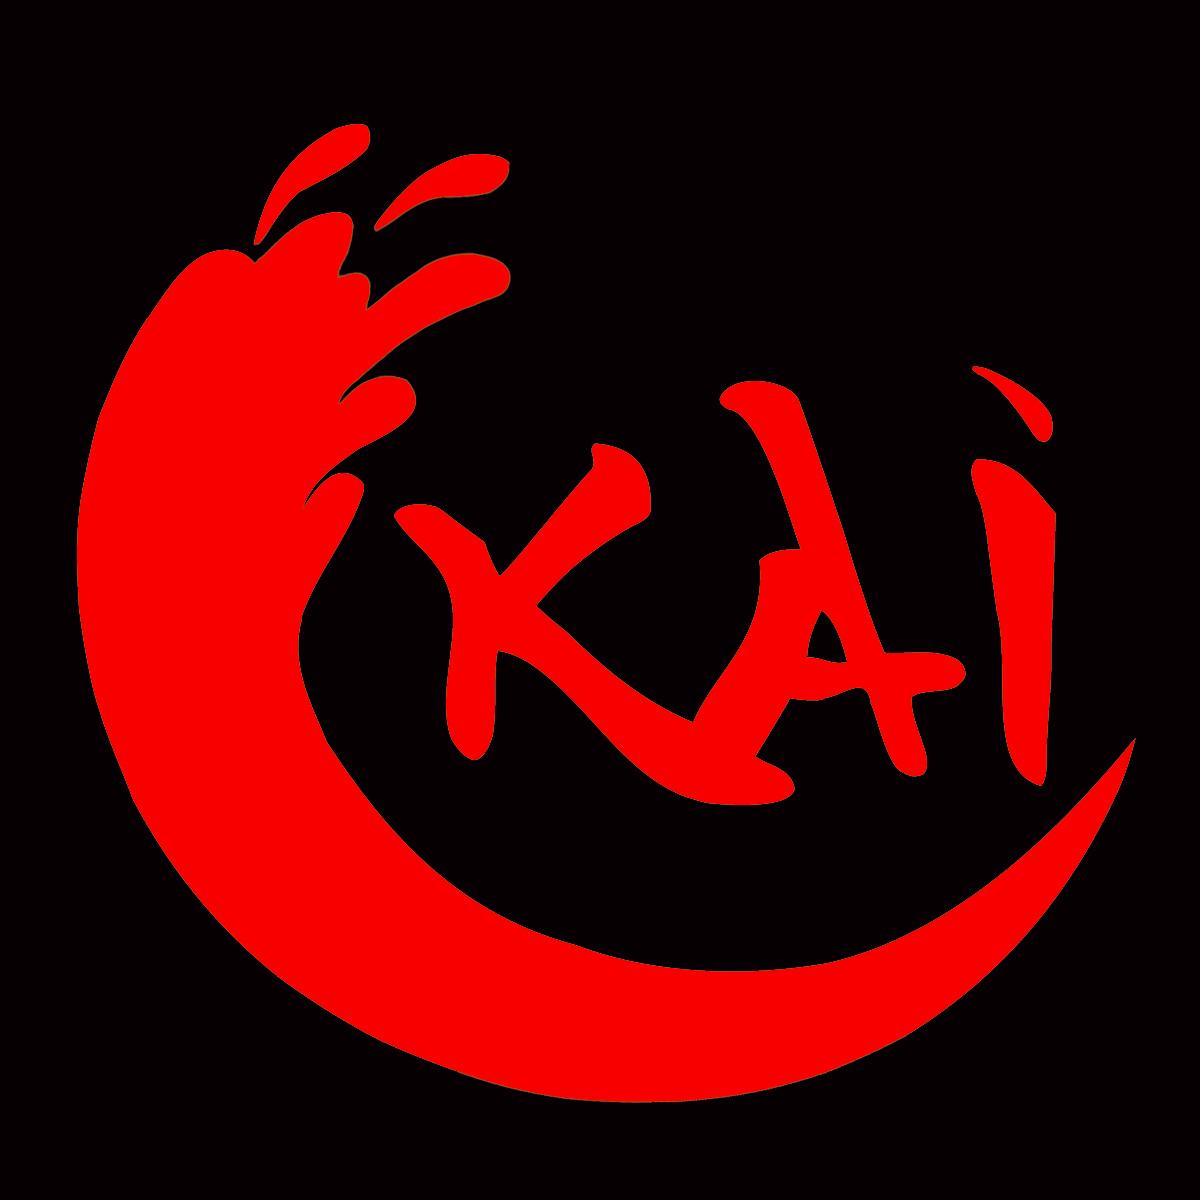 kai logo red & black.png